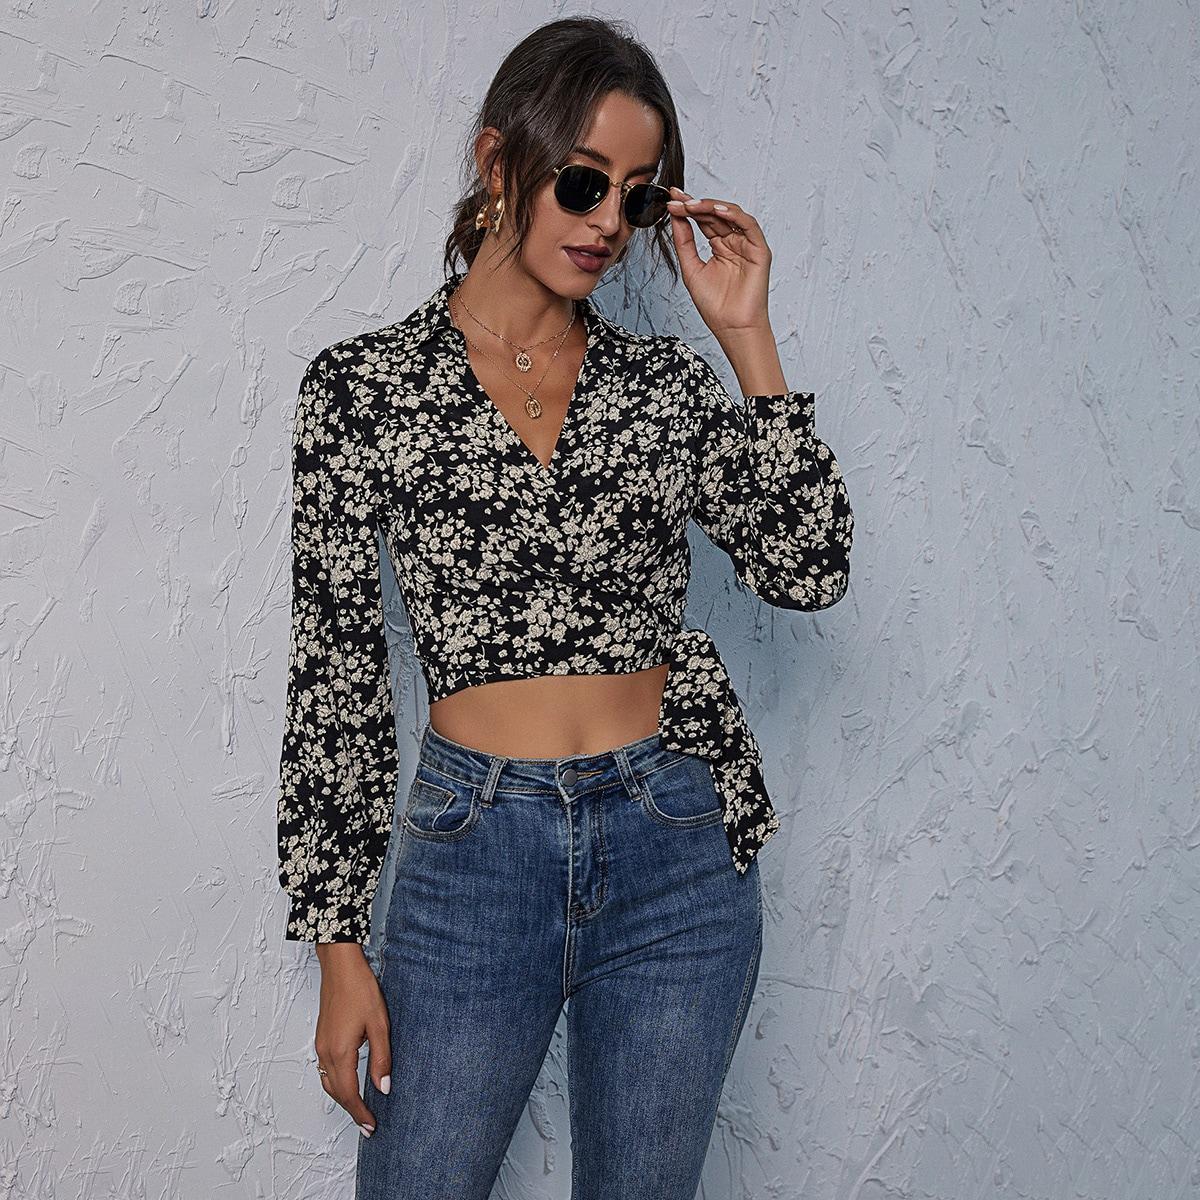 SHEIN / Bluse mit seitlichen Knoten, Gänseblümchen Muster und Wickel Design